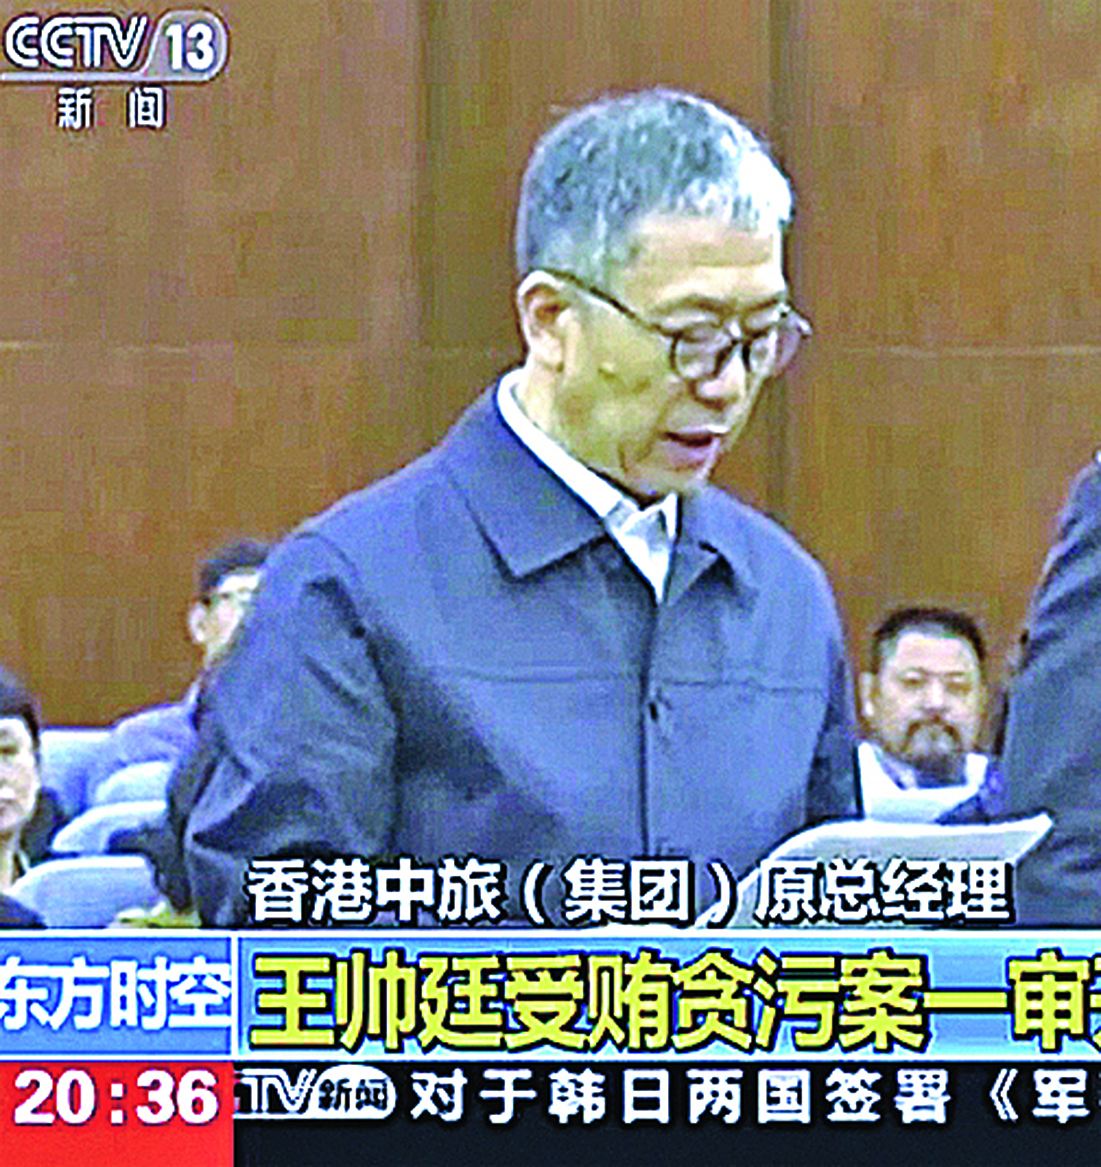 香港中旅集團前總經理王帥廷在庭審現場。(影片截圖)